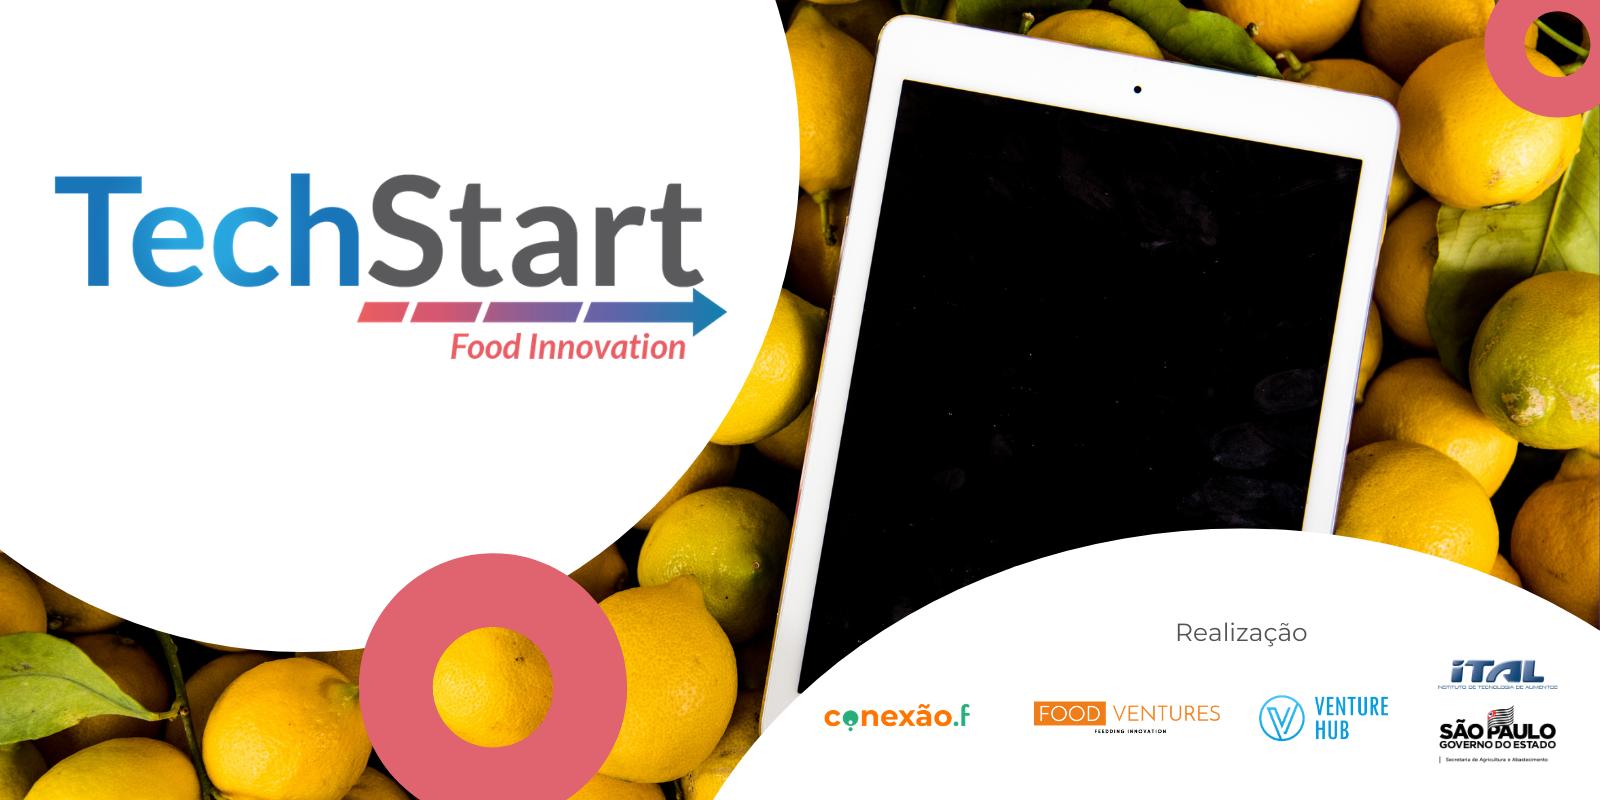 Imagem: Iniciado warm up do TechStart Food Innovation